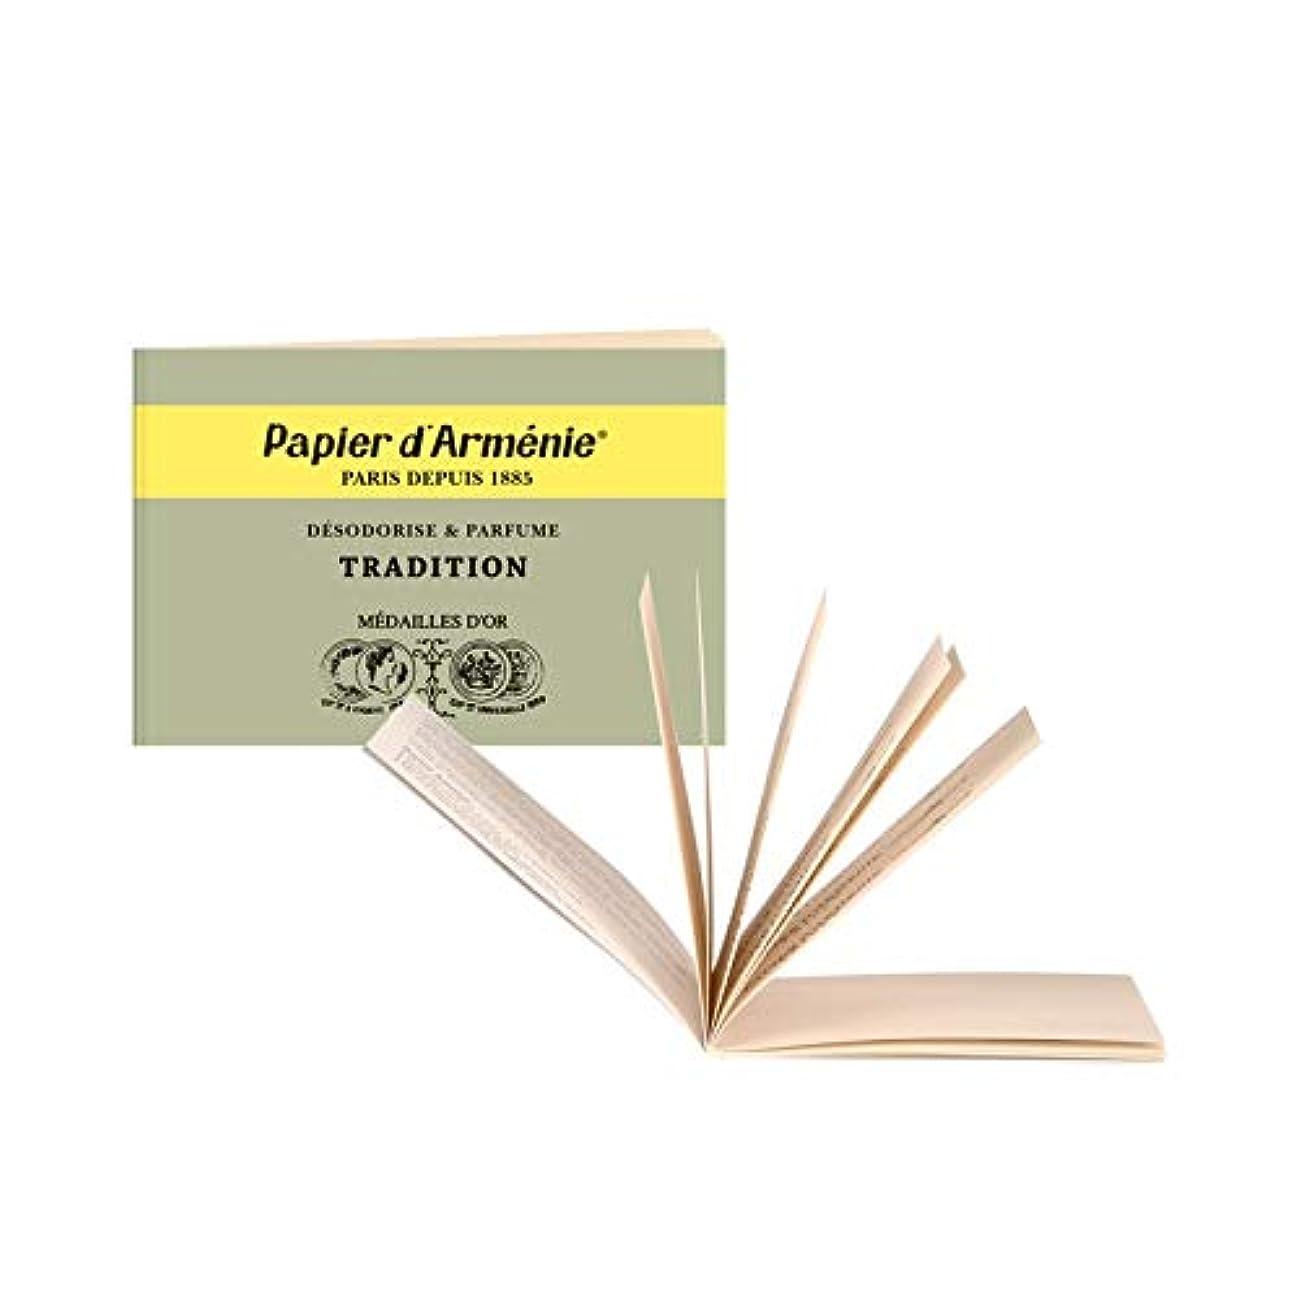 勘違いする成り立つディレイPapier d'Arménie パピエダルメニイ トリプル 紙のお香 フランス直送 [並行輸入品]